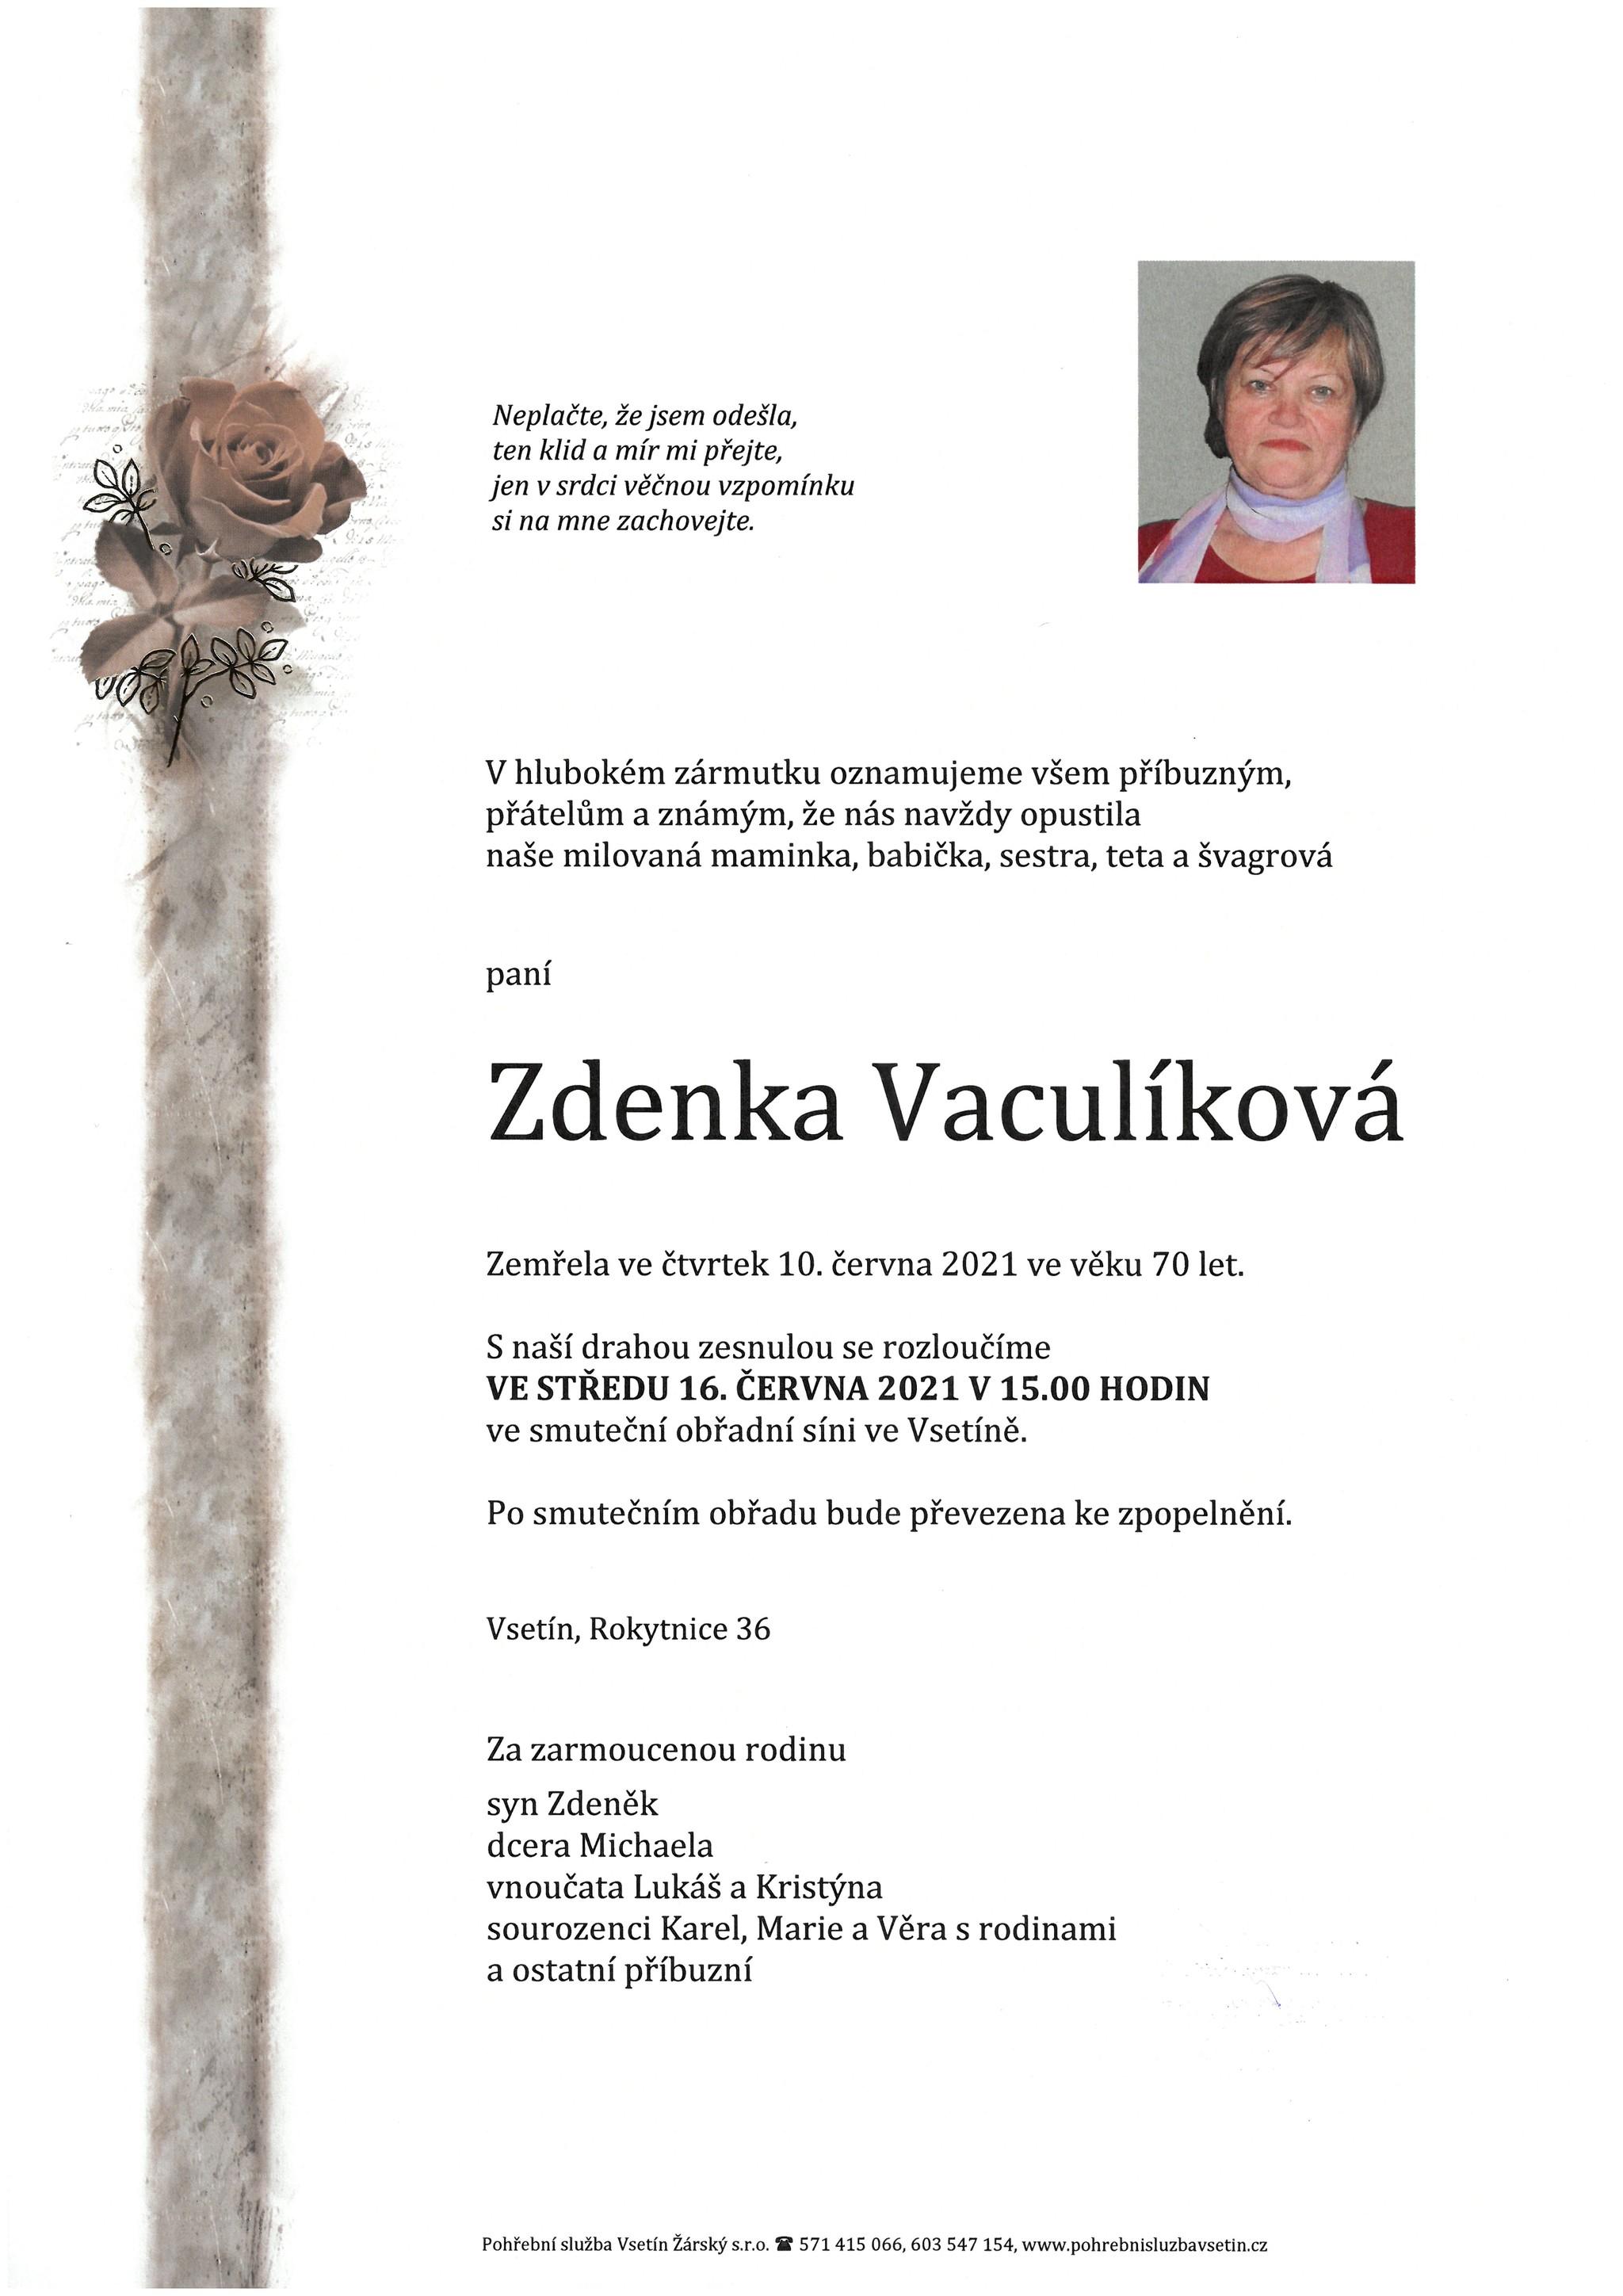 Zdenka Vaculíková